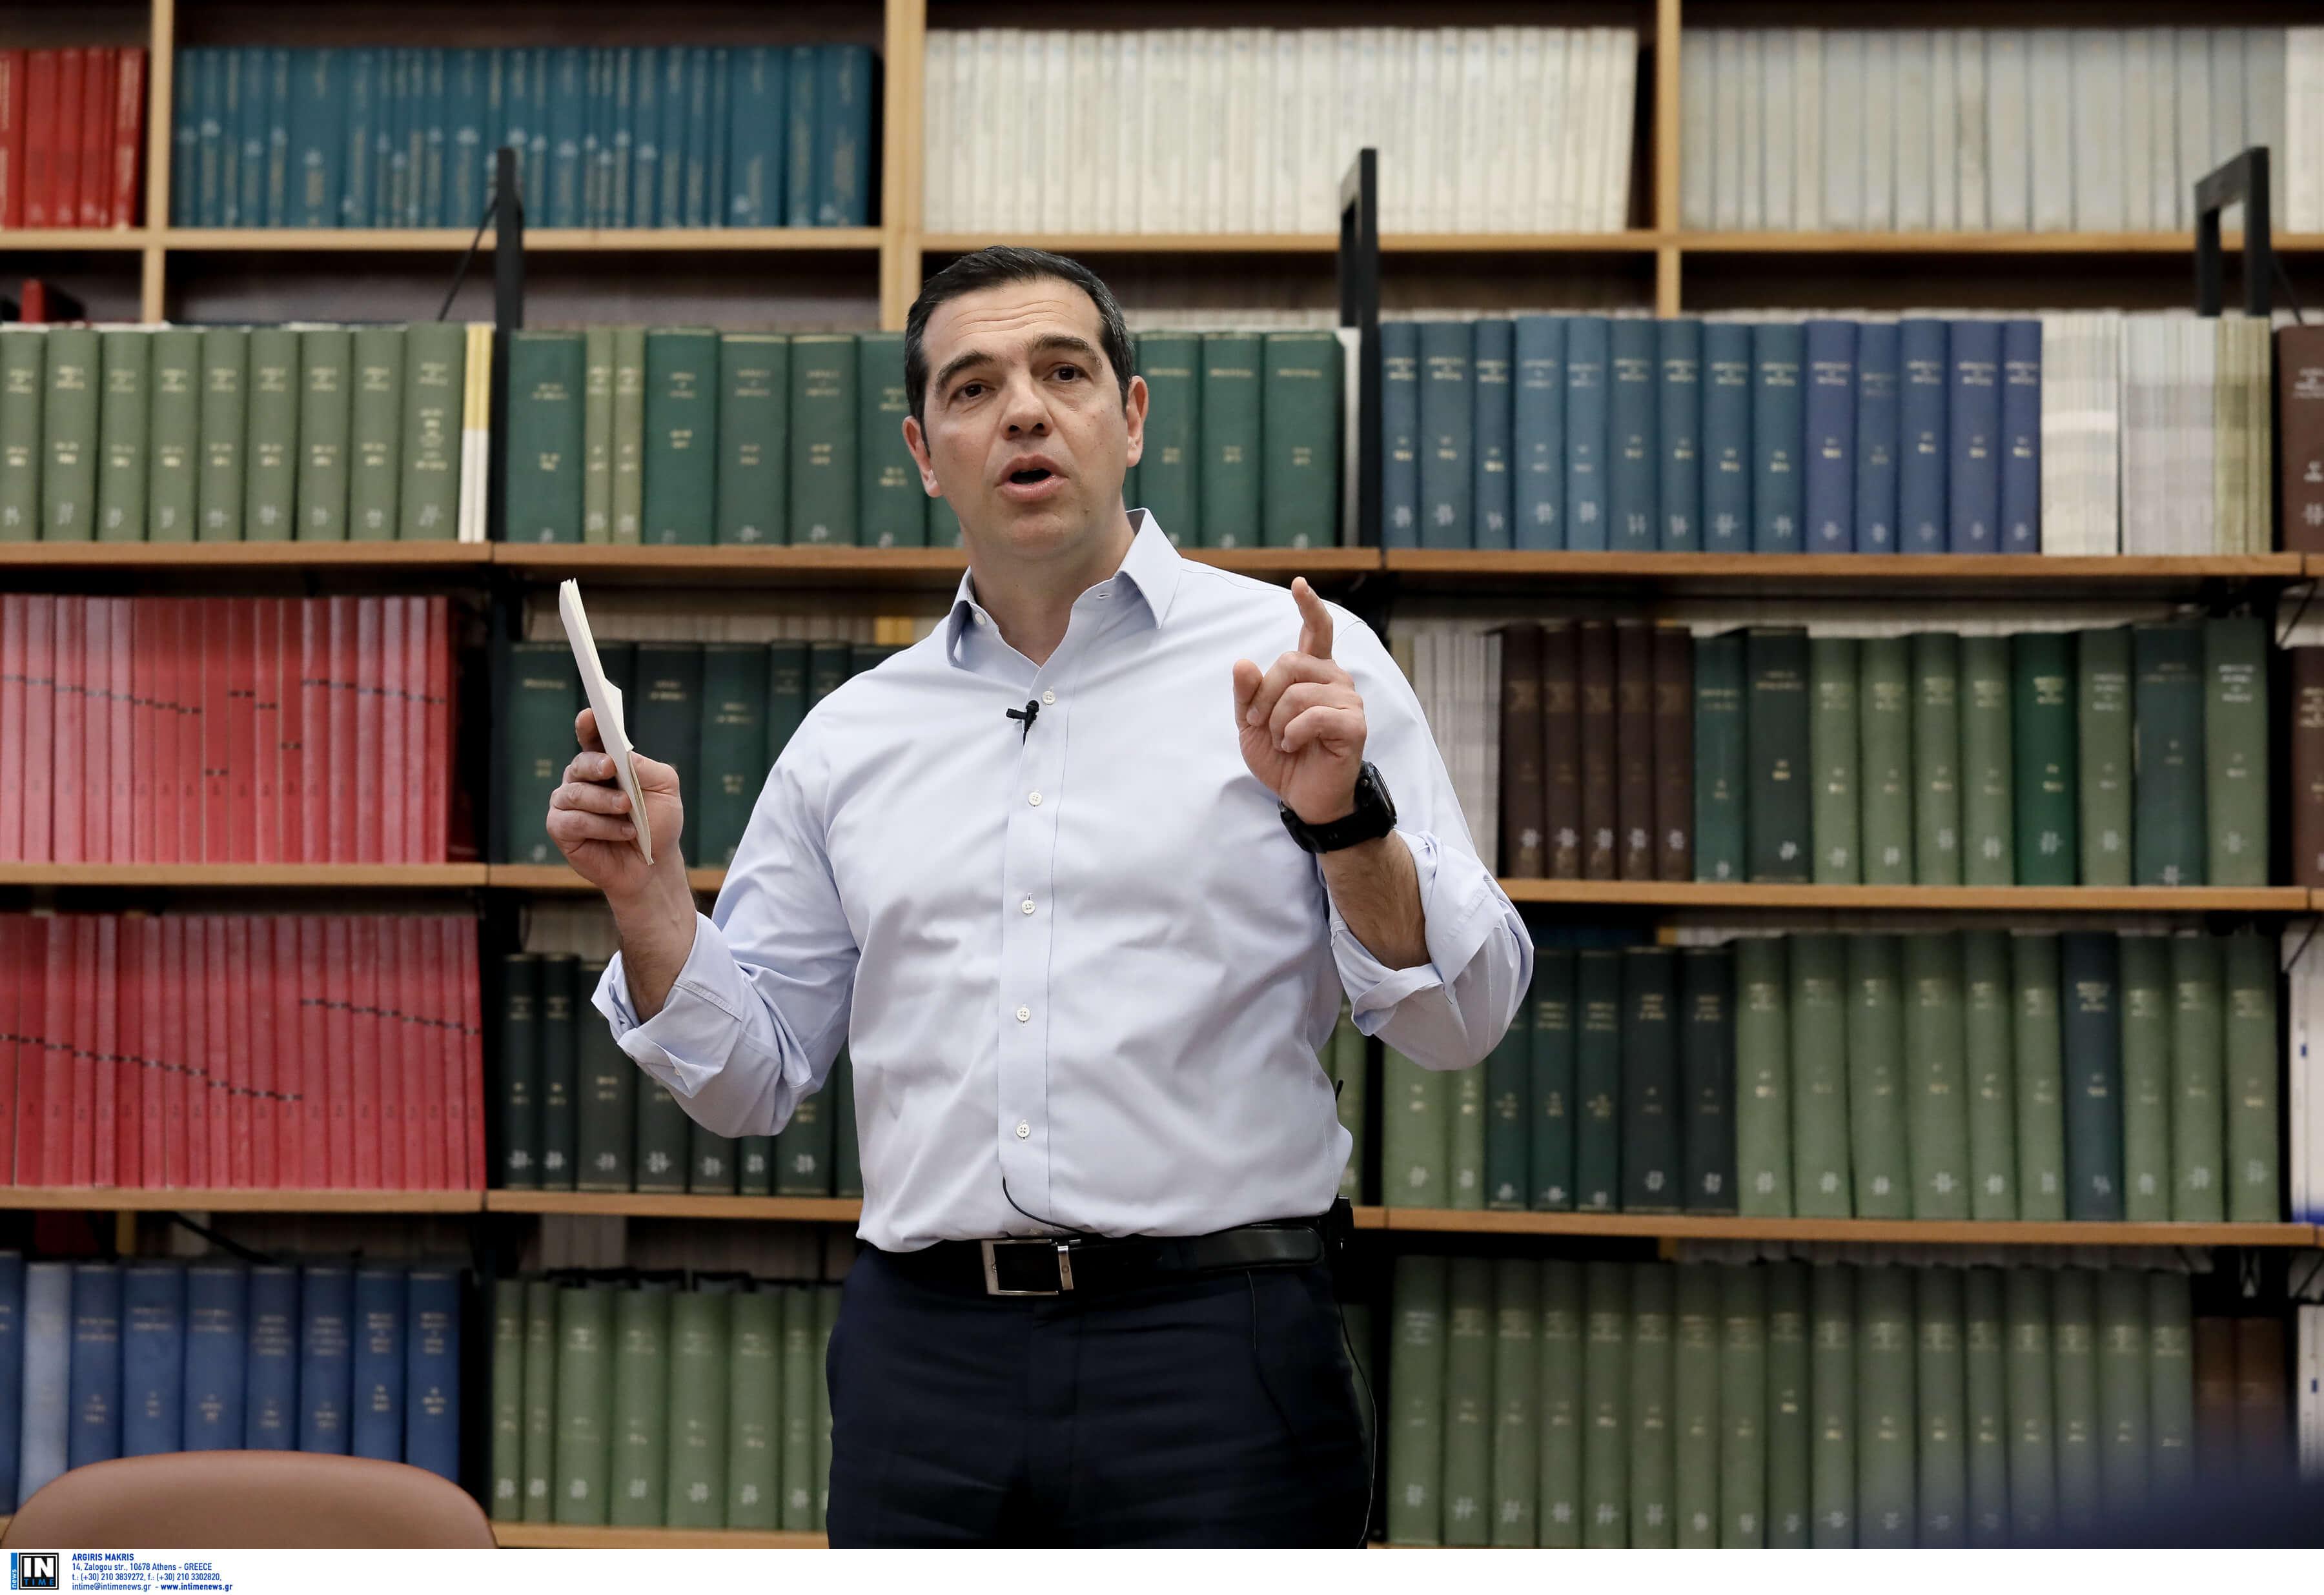 Εκλογές 2019: Αυτό είναι το σχέδιο Τσίπρα αν βγει ευρωβουλευτής η Κουντουρά